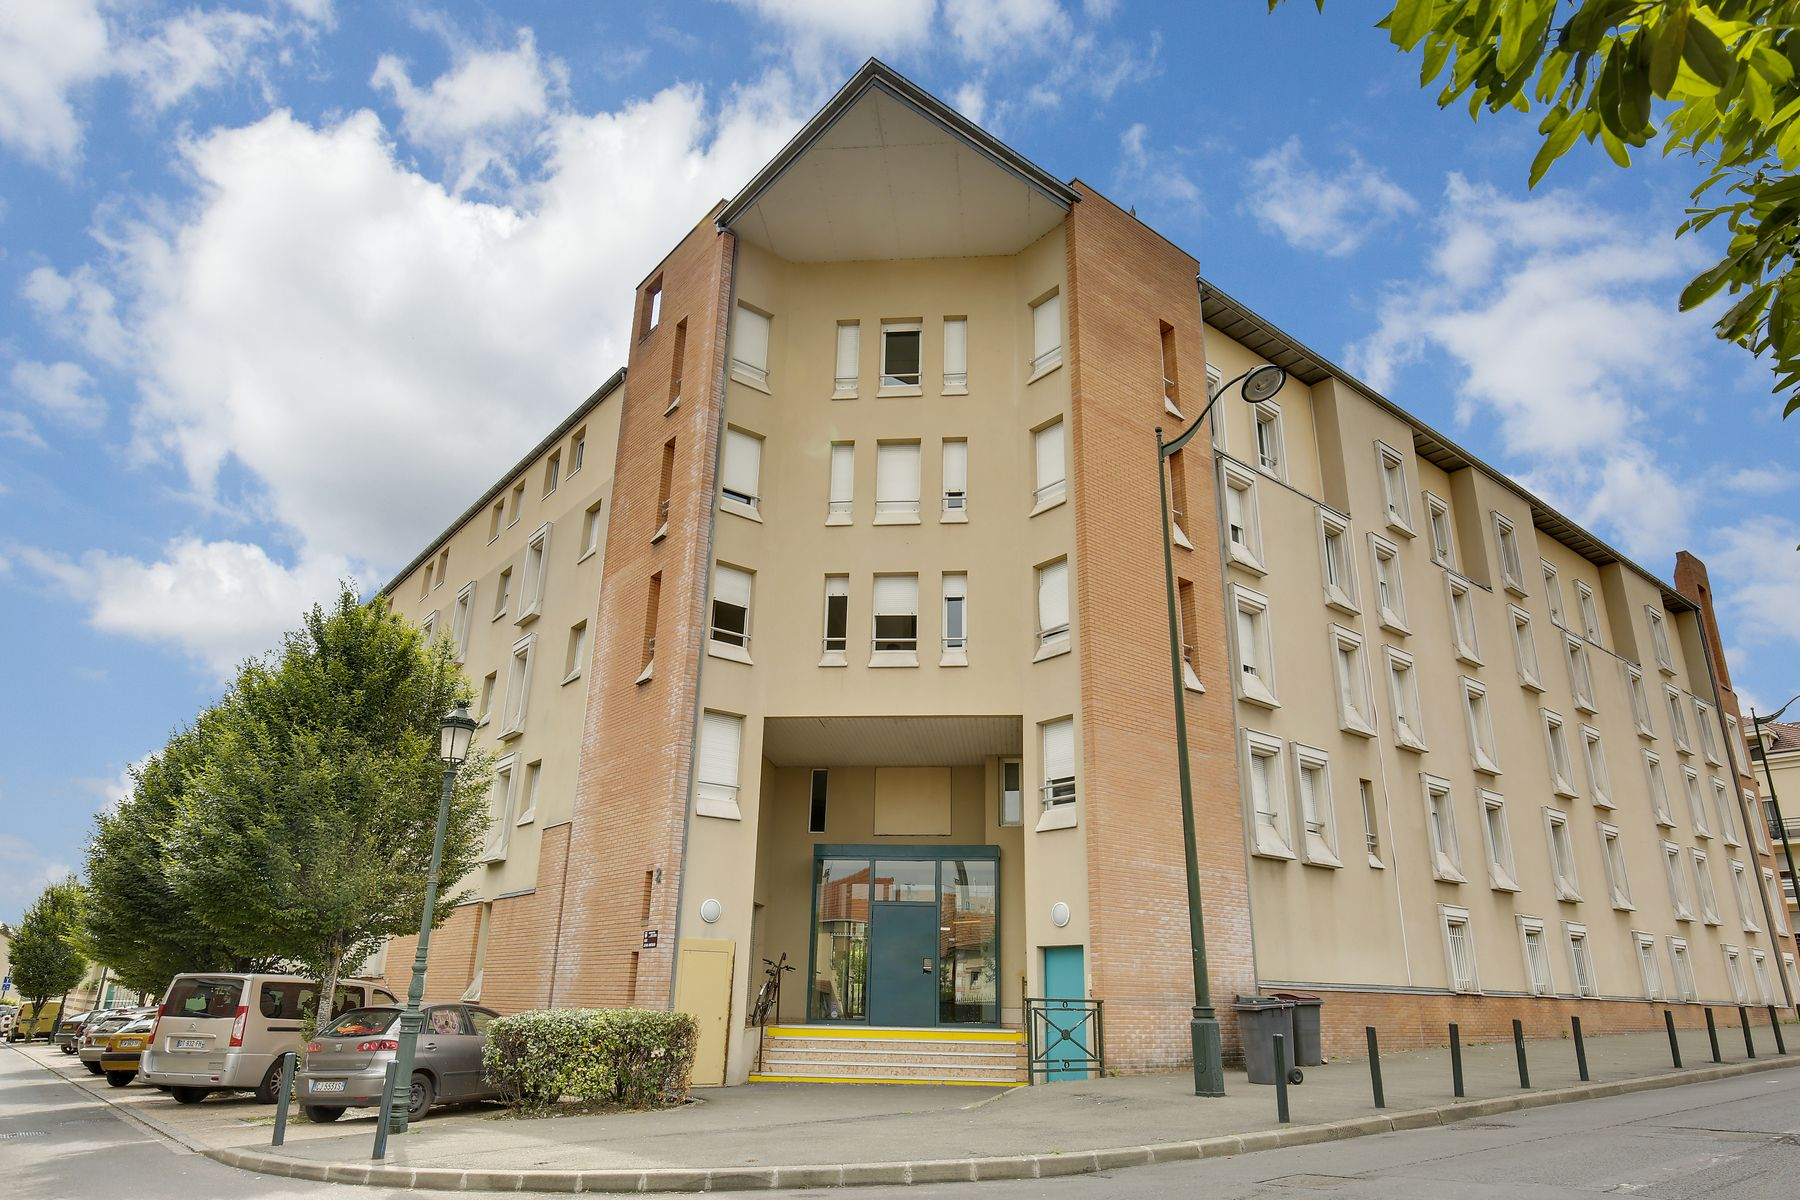 LOGIFAC résidence étudiante Ecrivains Carrières sur seine accès sécurisé